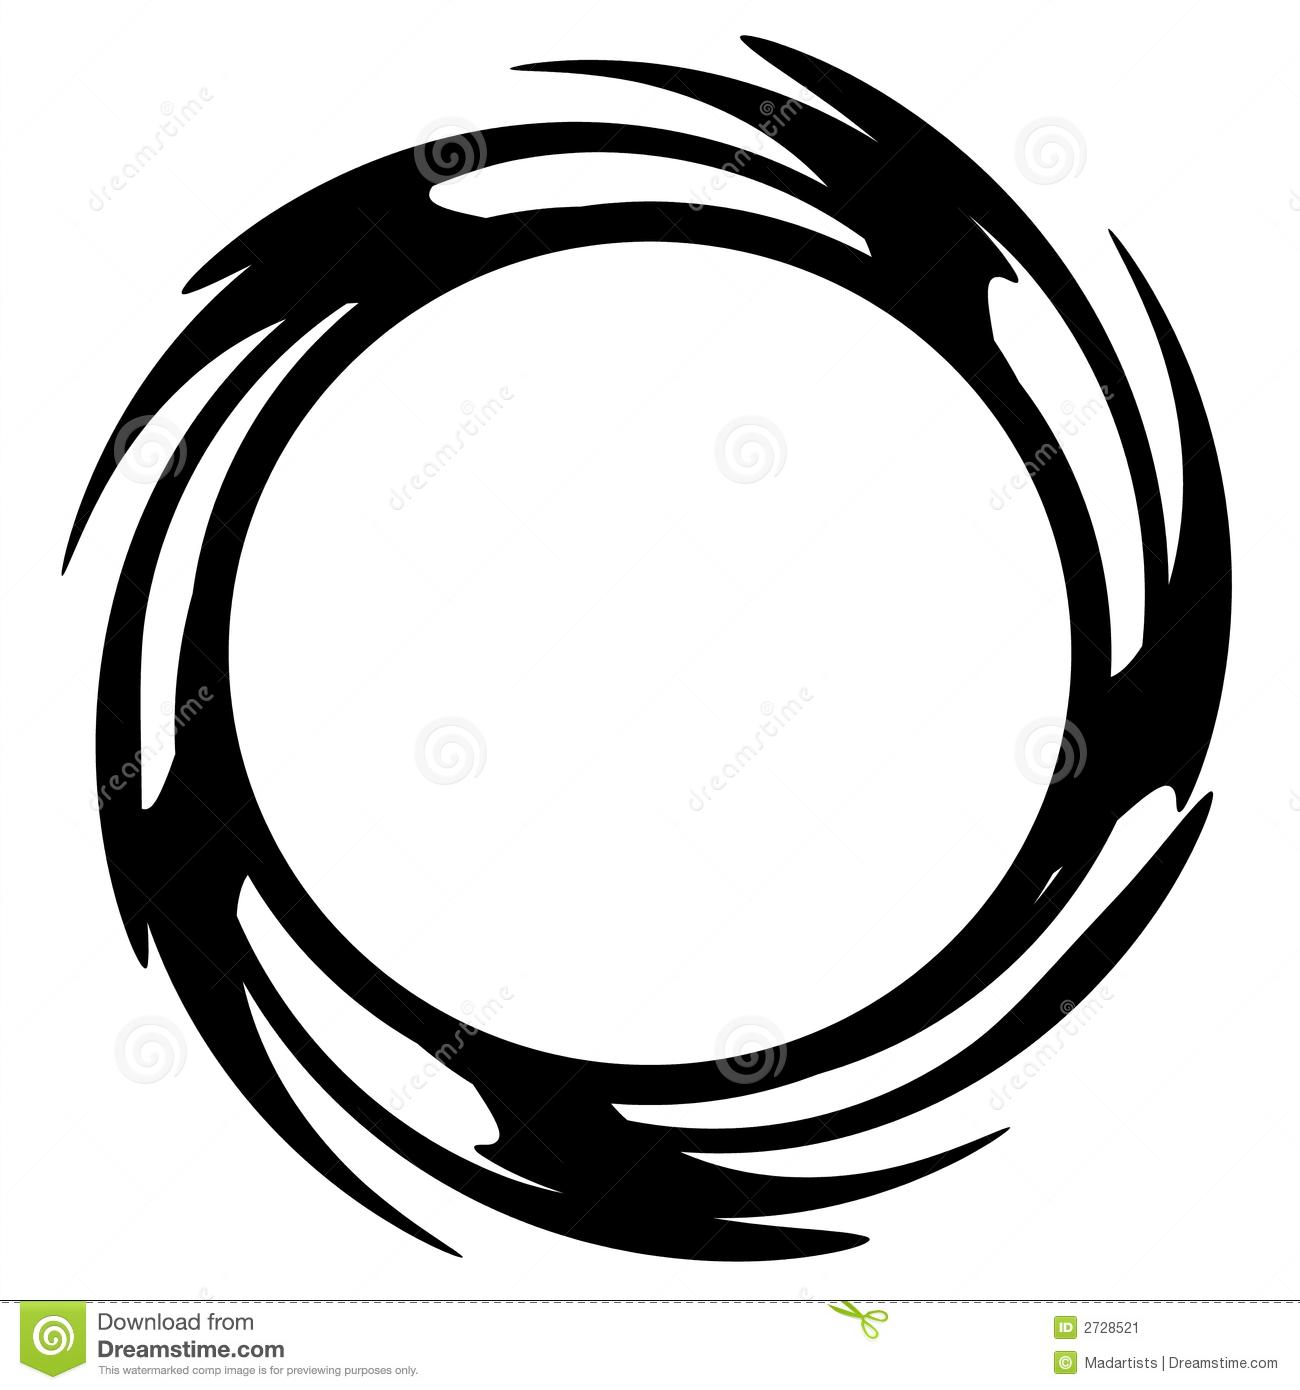 Black Circle Logo with White Ring